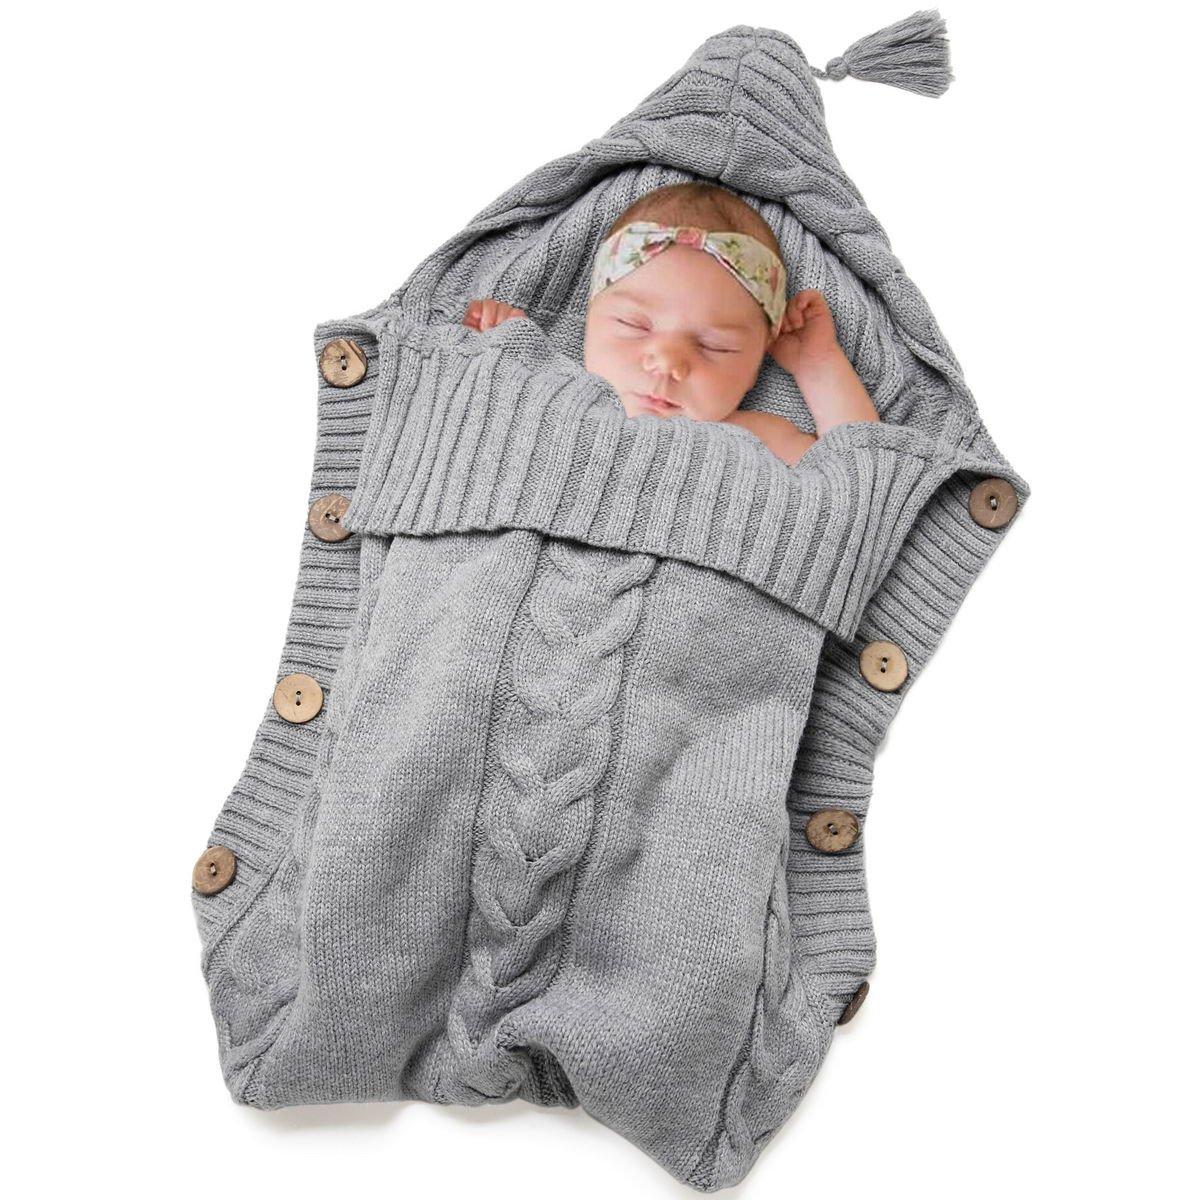 Newborn Baby Swaddle Blanket-Truedays Large Swaddle Best Soft Unisex for Boys or Girls (Grey)